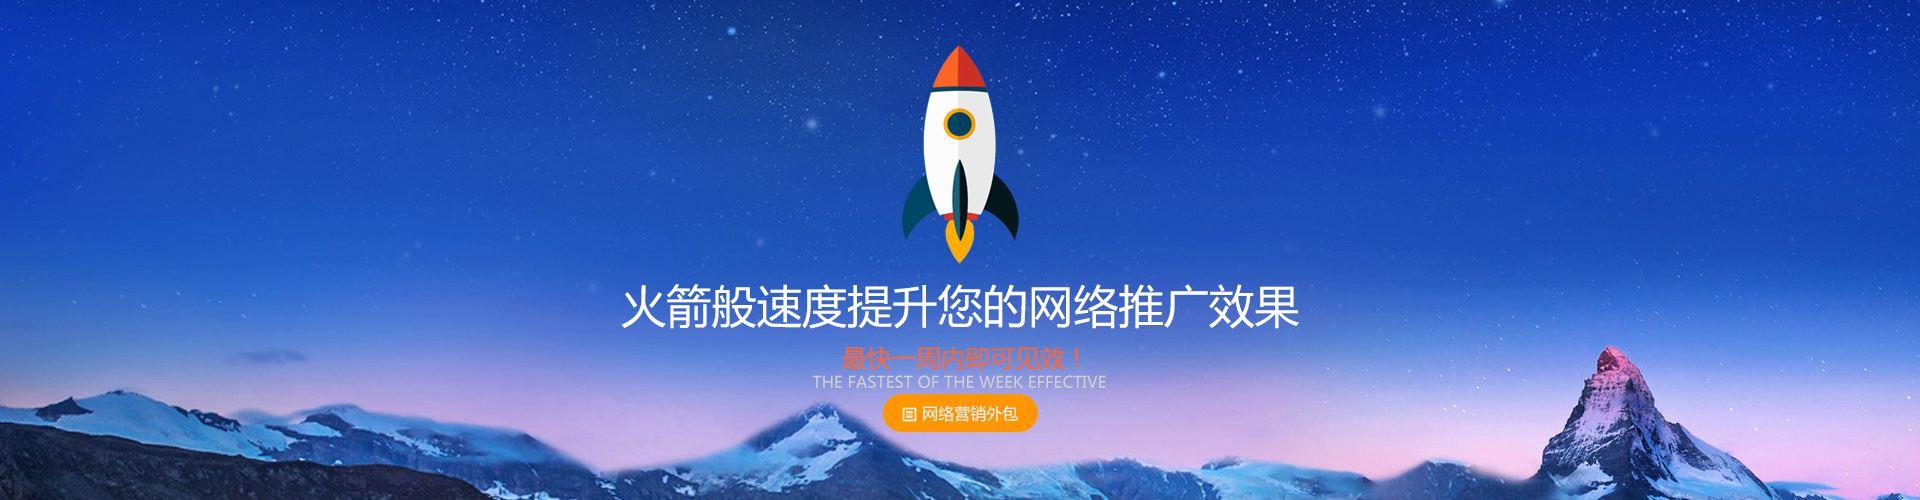 深圳电商服务